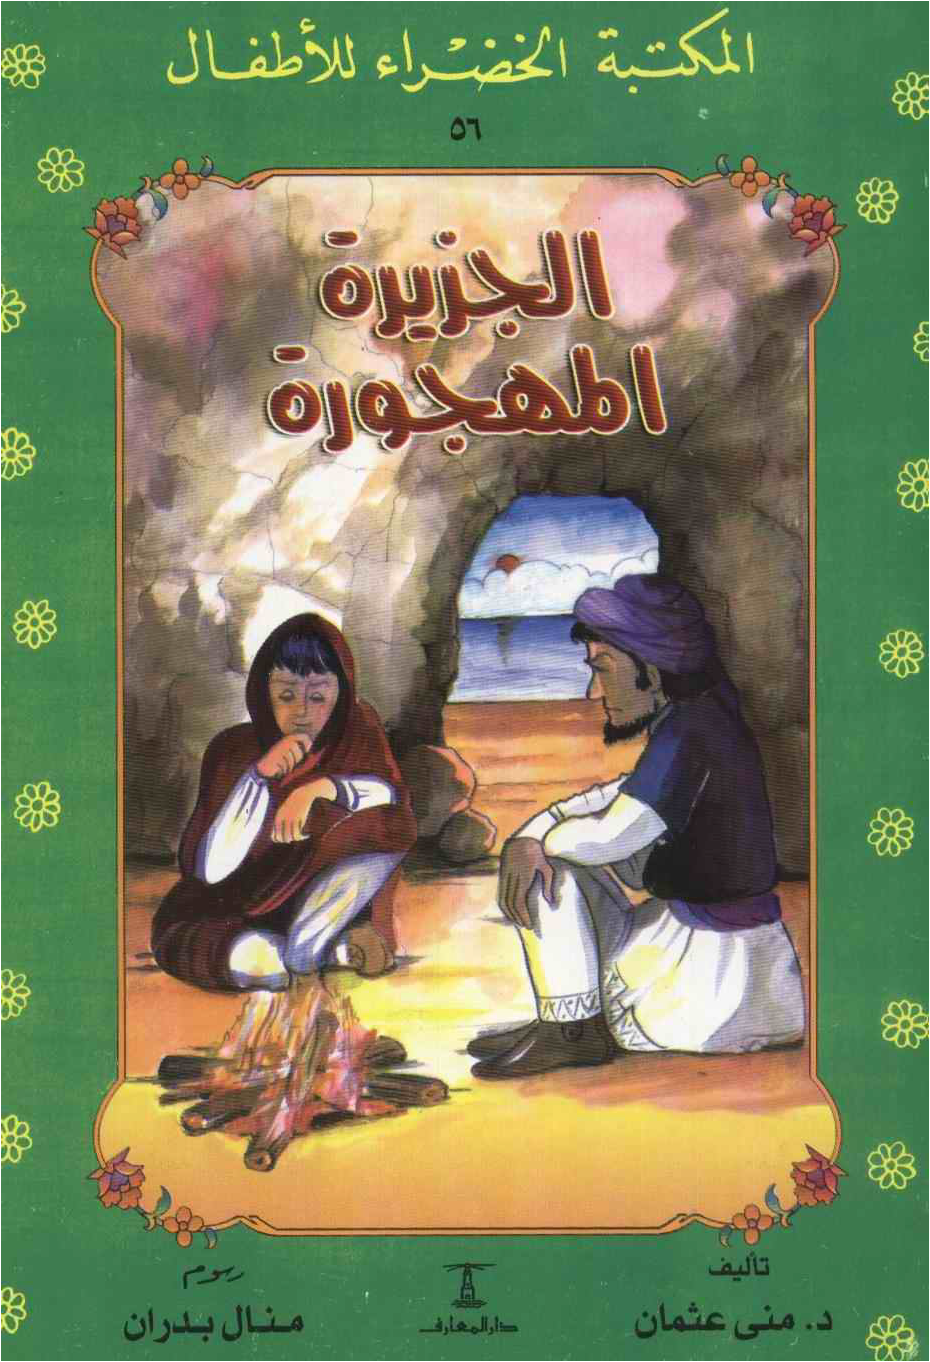 تحميل وقراءة أونلاين كتاب الأمير الصغير Pdf مجانا ل أنطوان اكزوبري كتب Pdf ضمن تصنيف كتب الاطفال بروابط مباشرة م Mothers Day Crafts Books Novelty Christmas